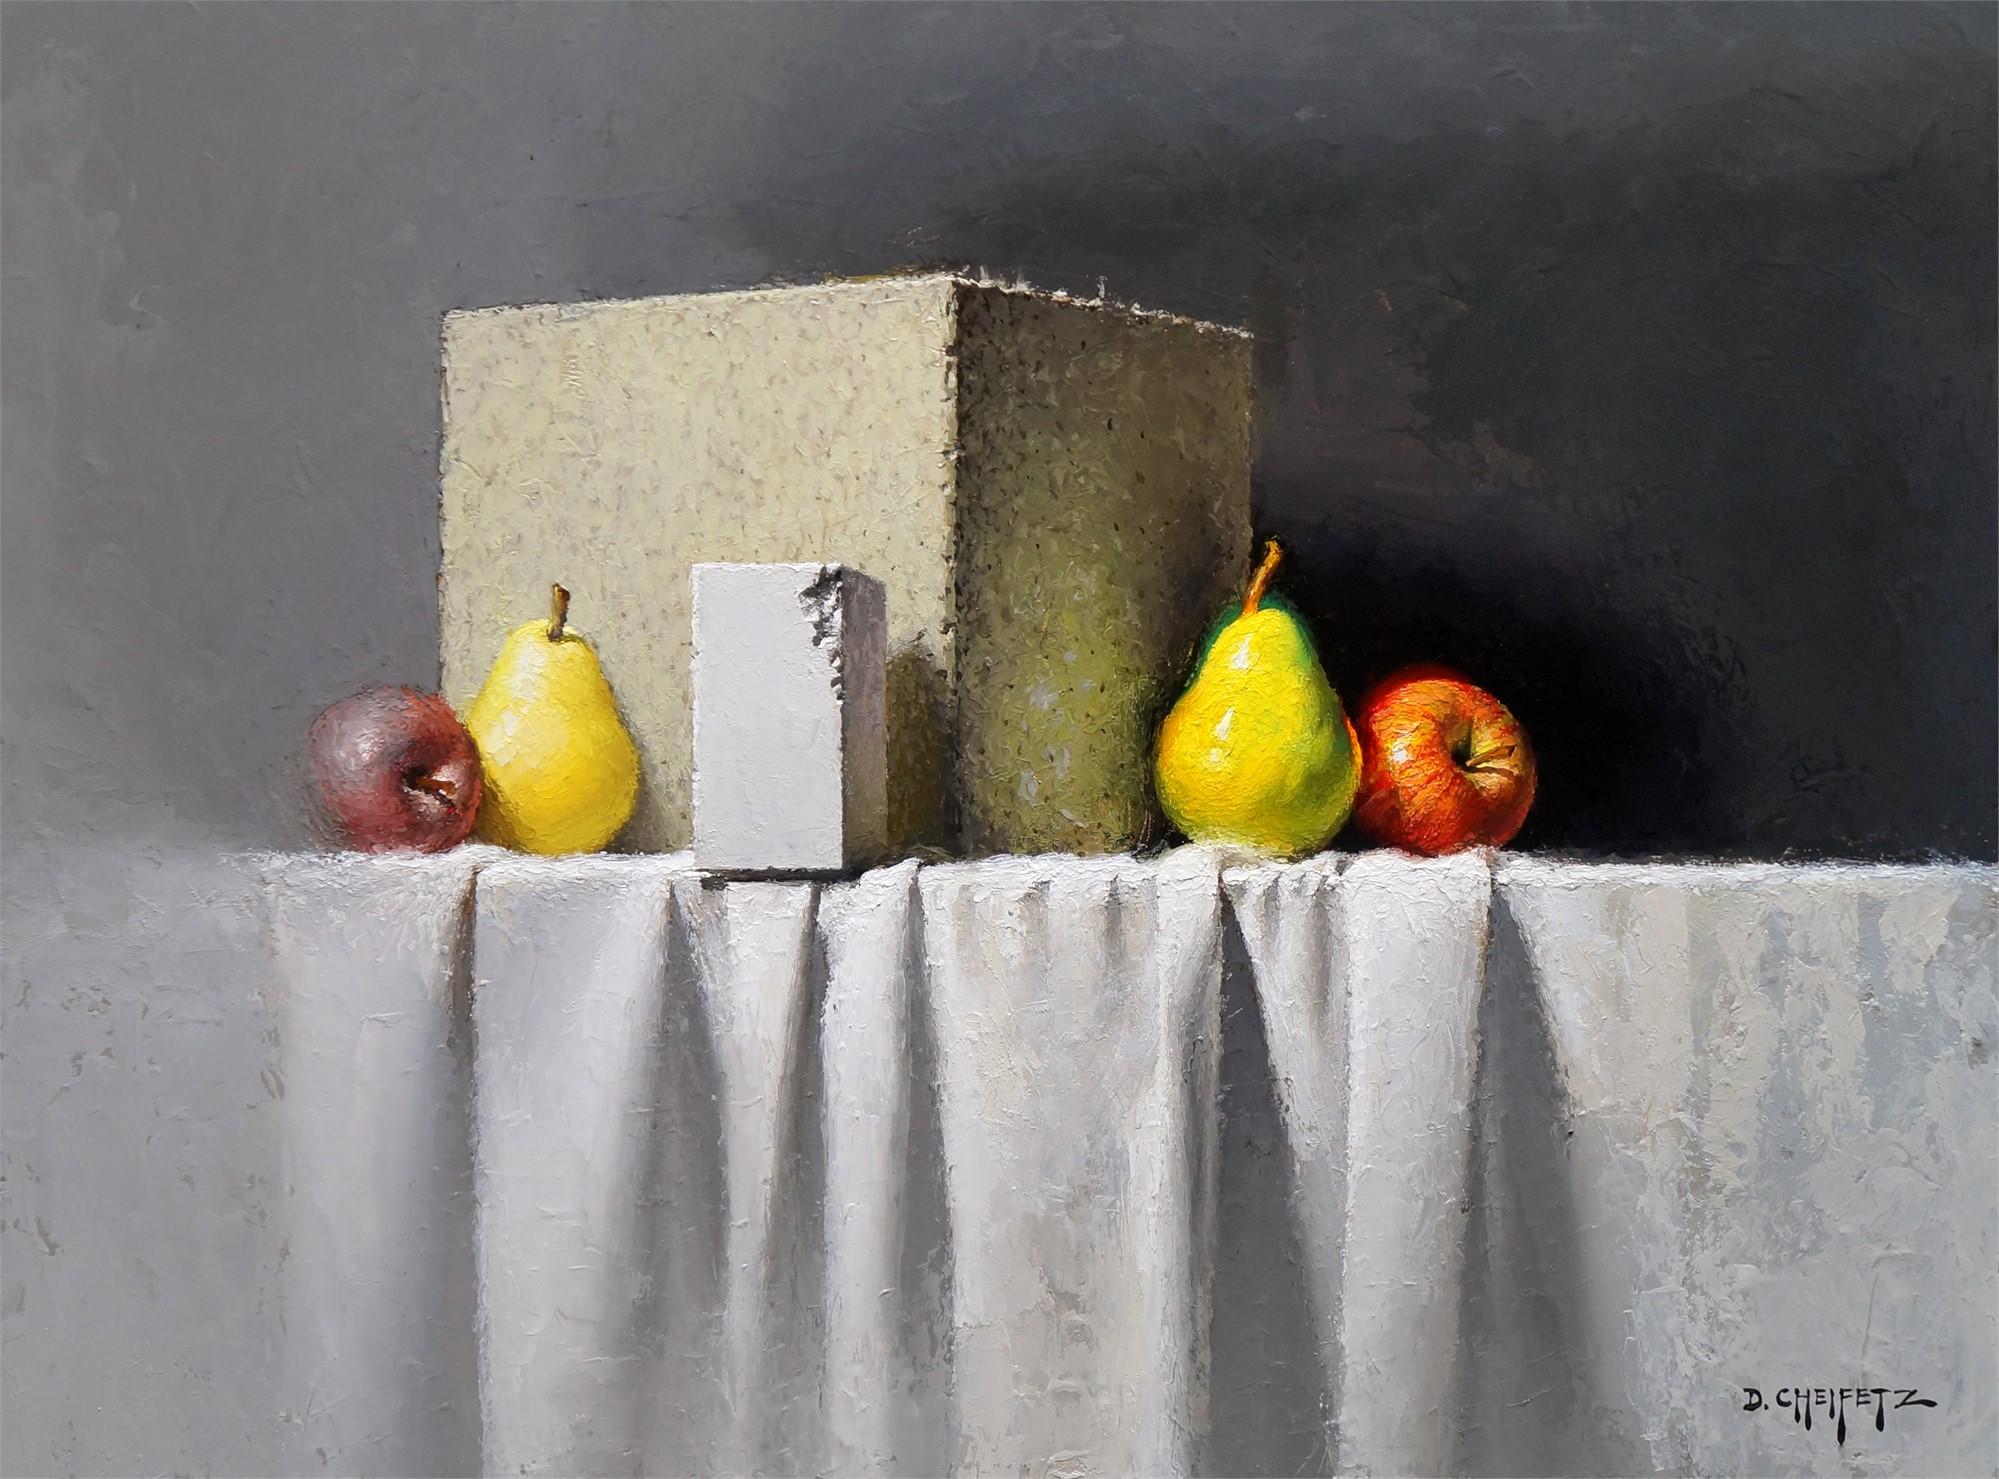 Chalk, Block, And Mirror by David Cheifetz